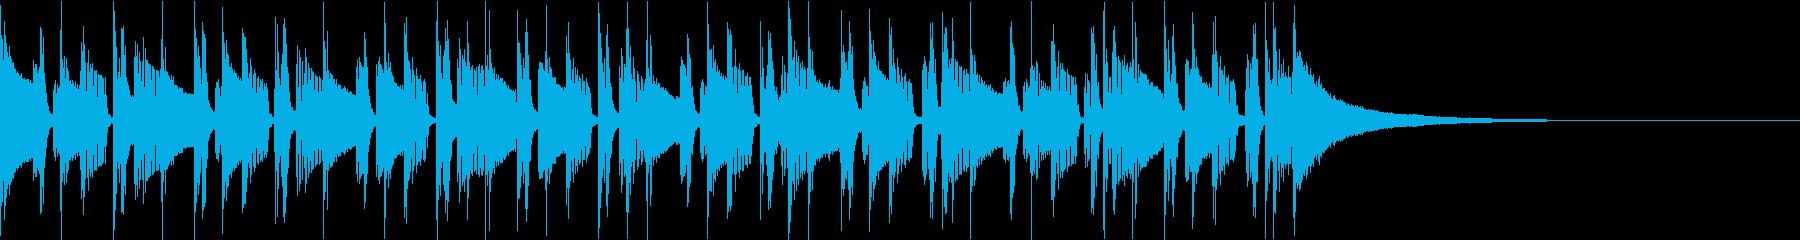 緩めのリズムに印象的なベルの音色の再生済みの波形